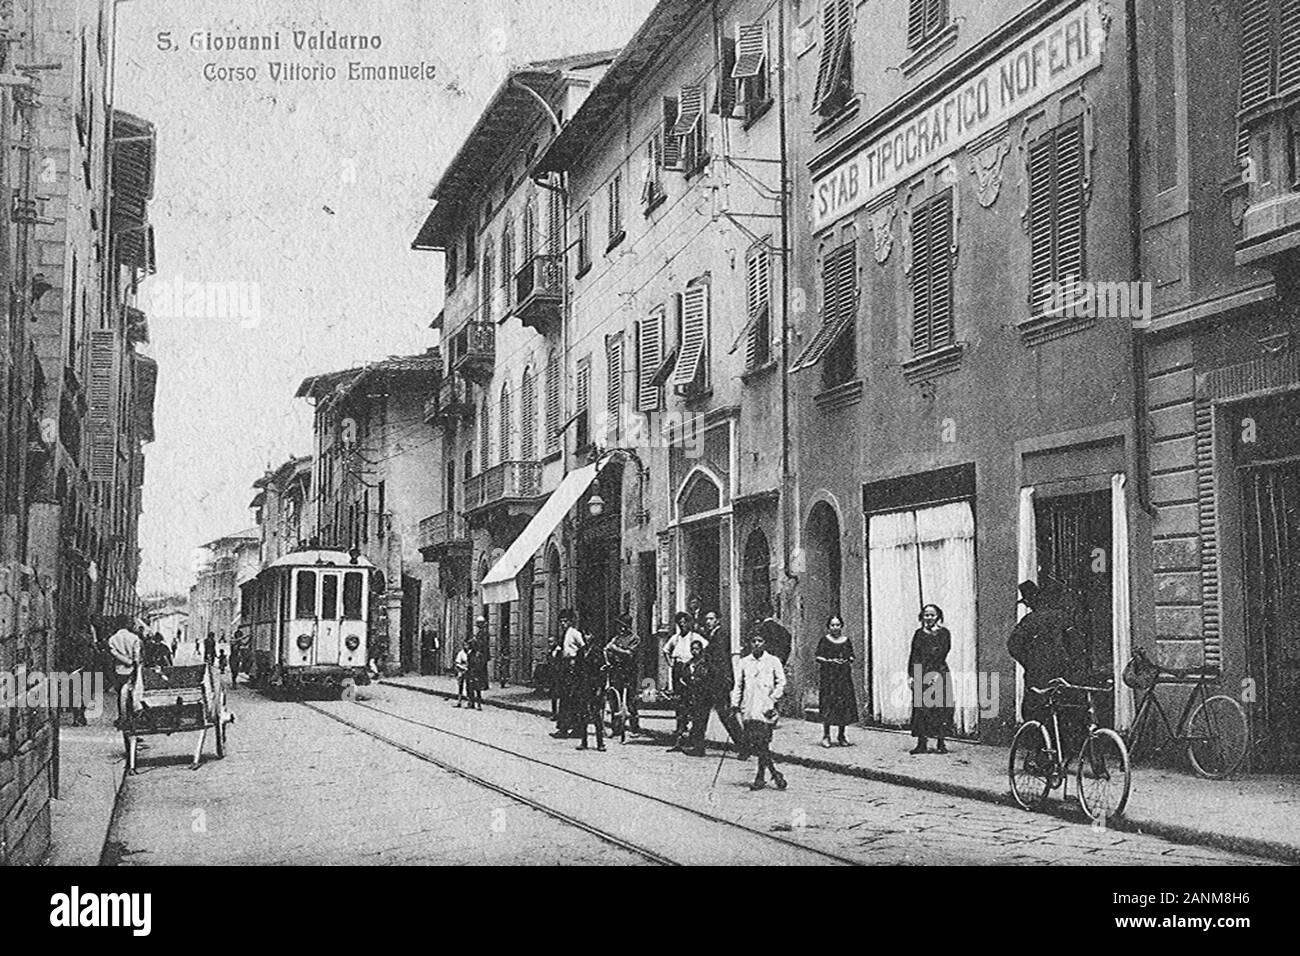 San Giovanni Valdarno - il Tram; 1 gennaio 1930; Foto d'epoca; Unkno n; Foto Stock